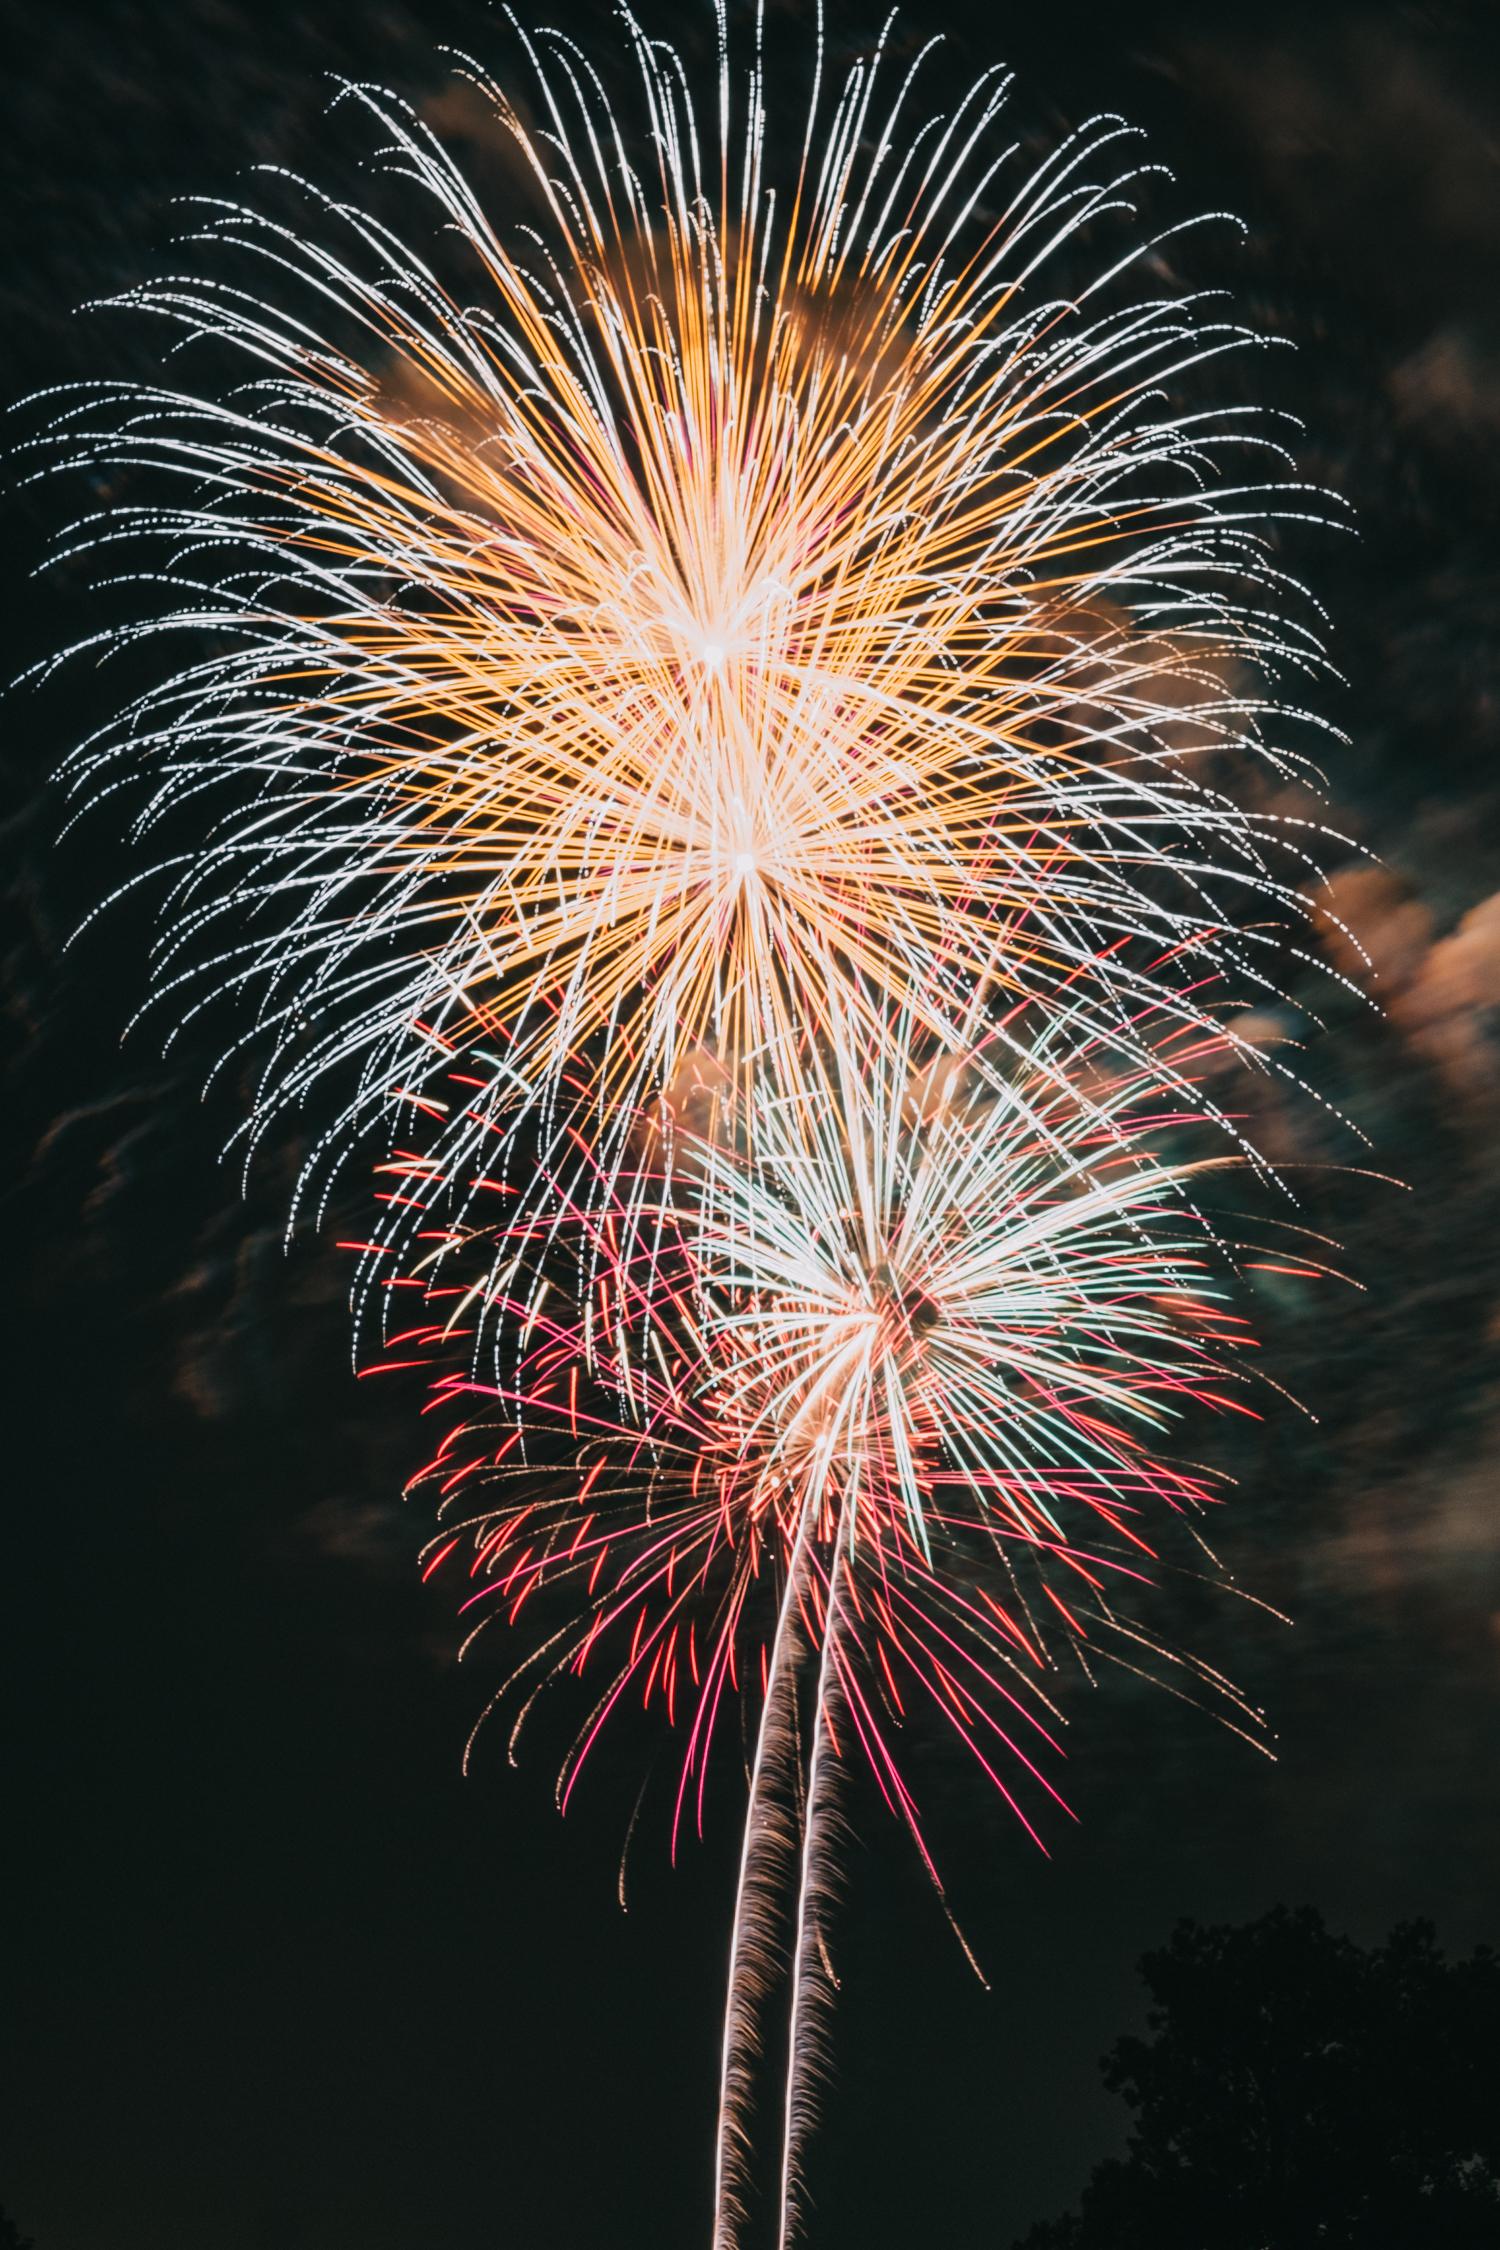 Ida Lee Park Fireworks Fourth of July Celebration